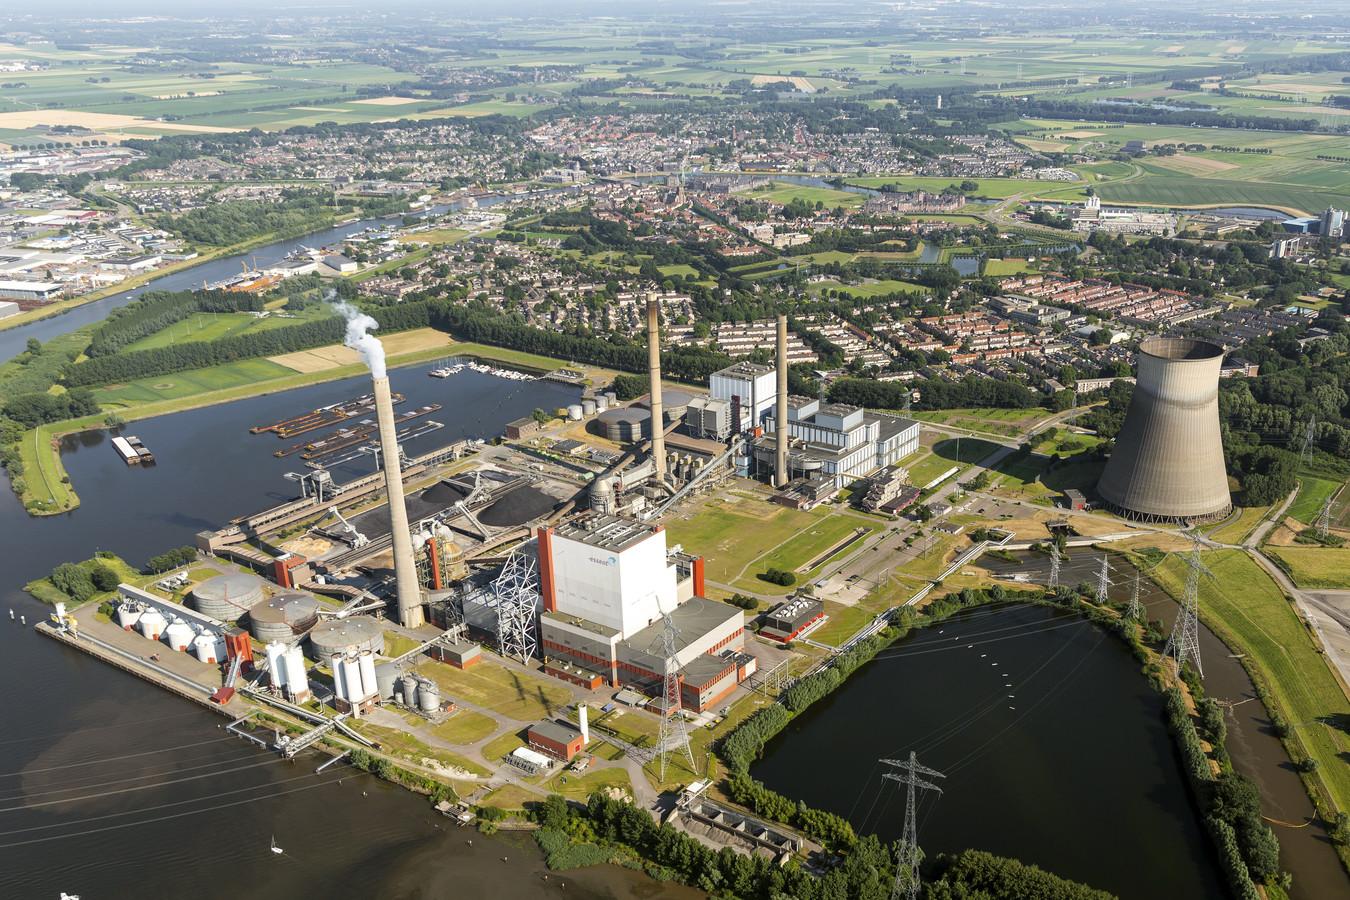 De Amercentrale bij Geertruidenberg, vanuit de lucht gezien. Kan deze 'energiefabriek' worden gered, door hem (deels) om te bouwen tot een kerncentrale? Volgens oud-journalist Jan Bouwmans kunnen zulke stappen pas worden gezet, wanneer er een veilige oplossing is voor het verwerken van nucleair afval.